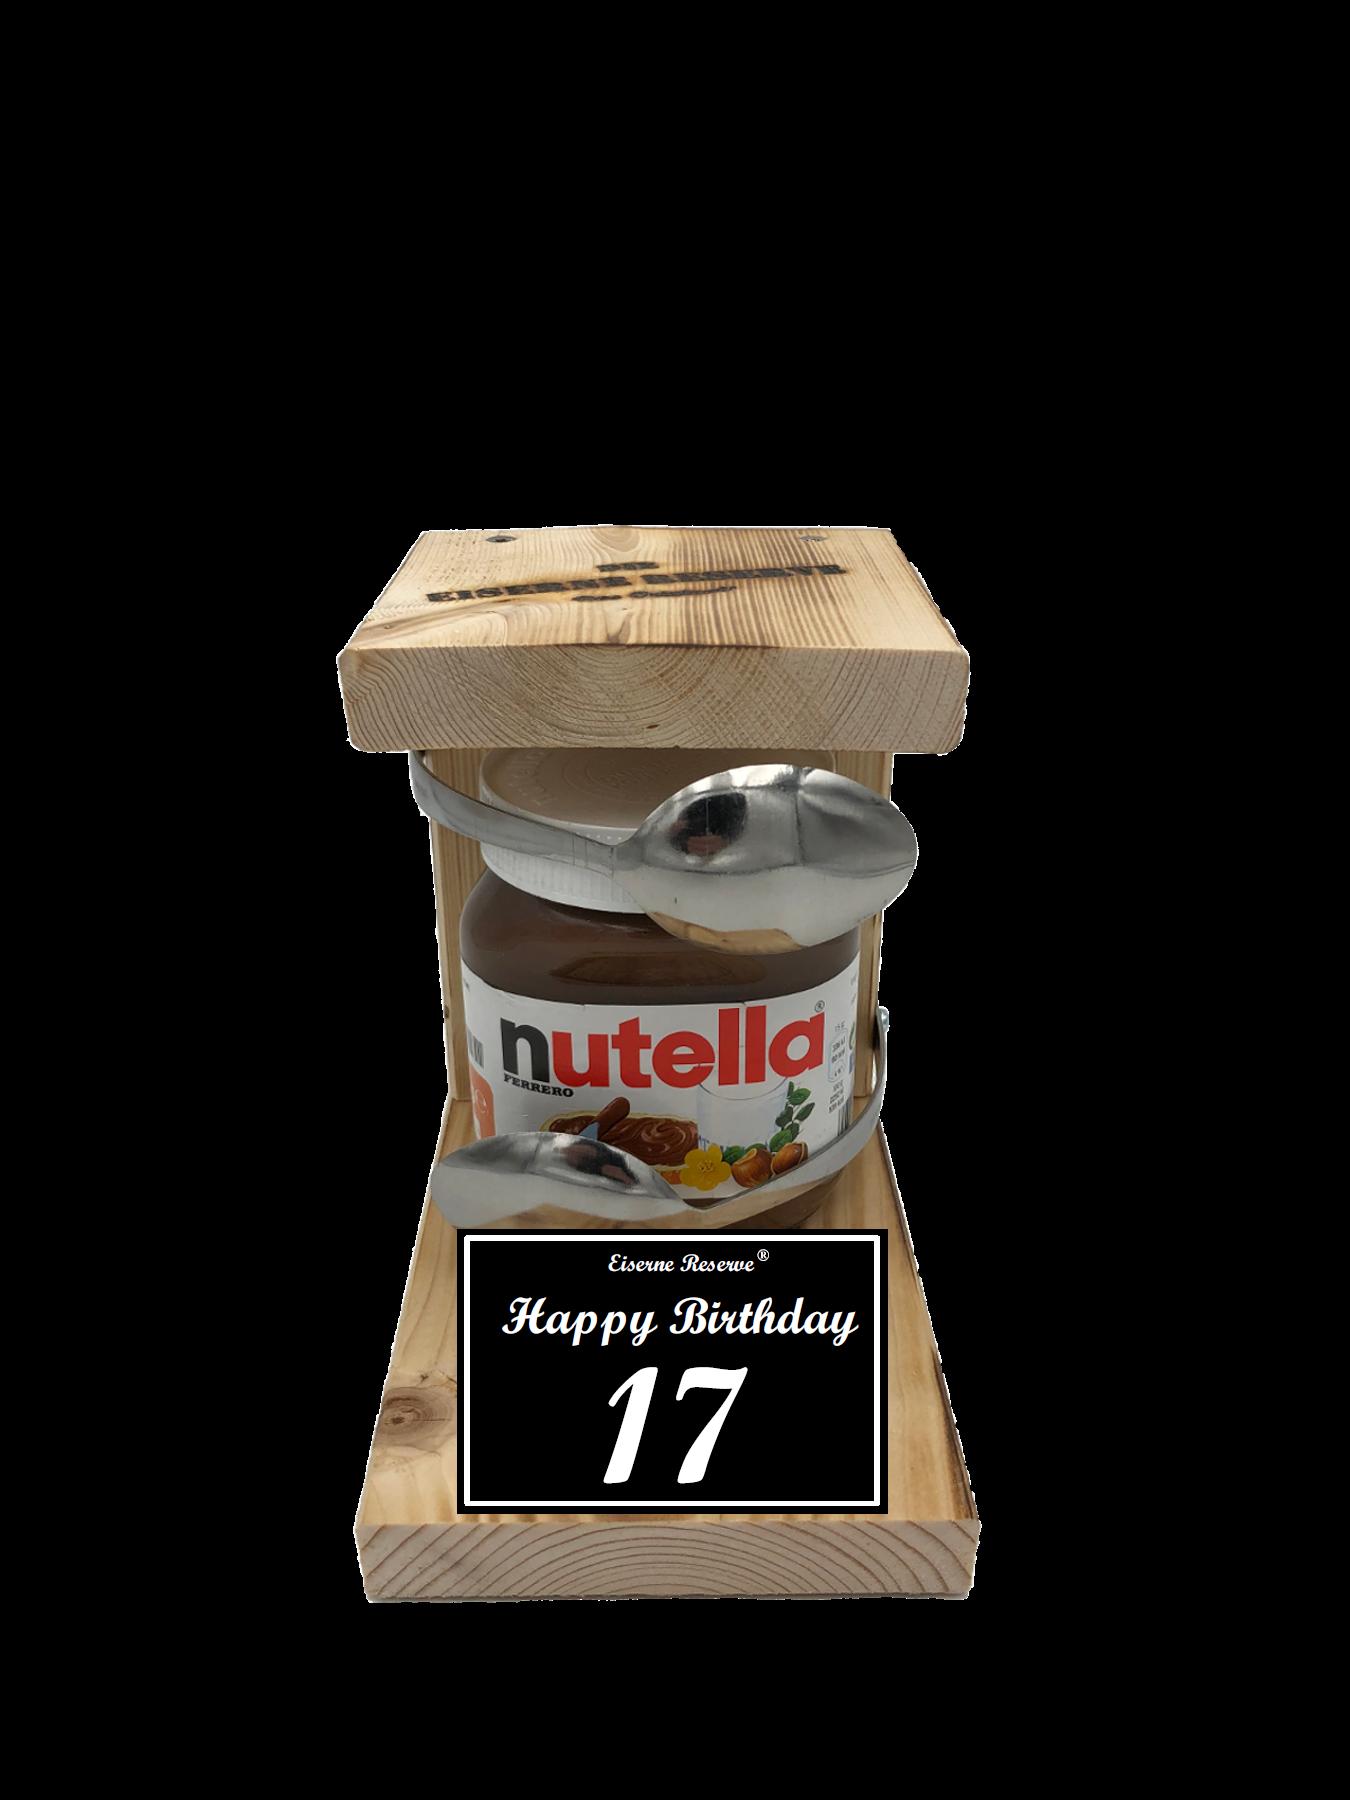 17 Happy Birthday Löffel Nutella Geschenk - Die Nutella Geschenkidee